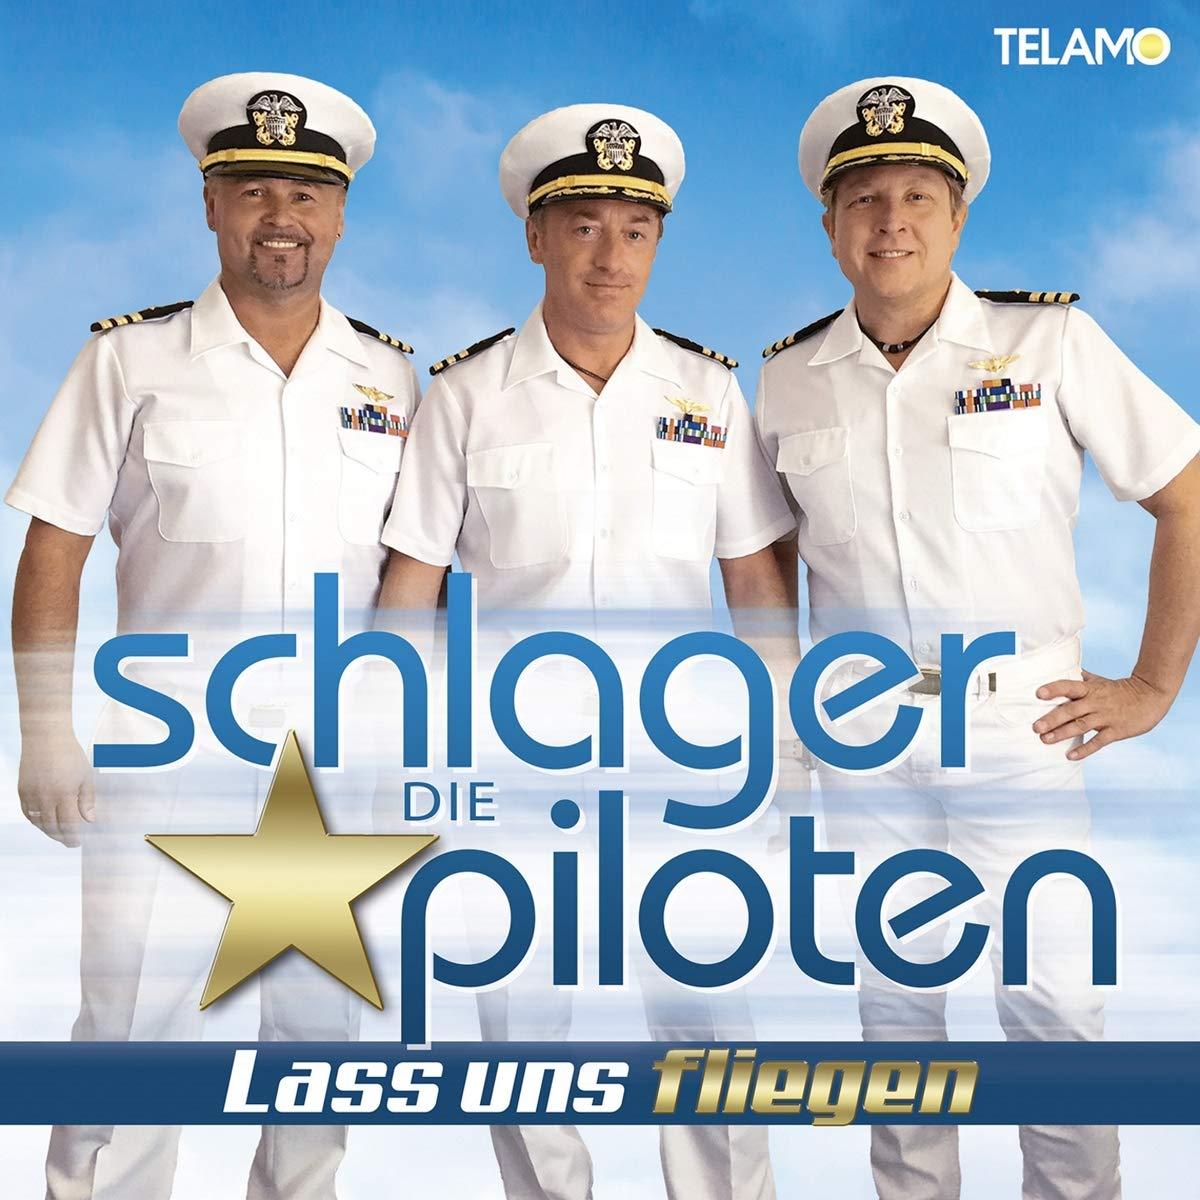 DIE SCHLAGERPILOTEN * Lass uns fliegen (CD) - smago! wünscht einen guten Flug in die Top 3 der Offiziellen Deutschen Album Charts oder ... vielleicht sogar ... auf die #1 ...